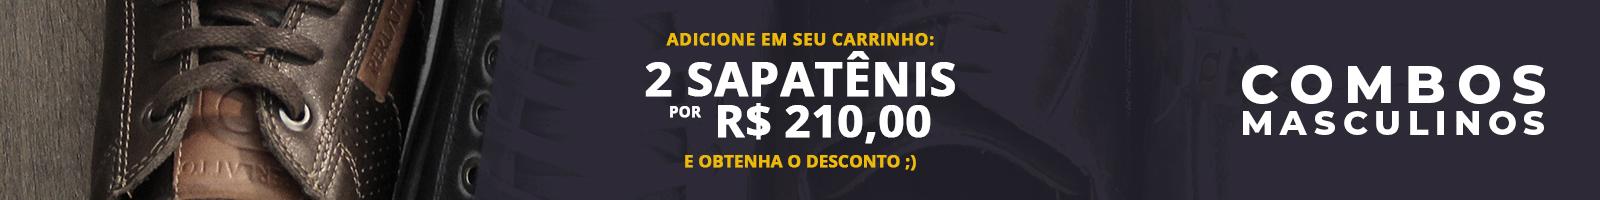 Banner - Topo - Categoria - Combos - Sapatênis